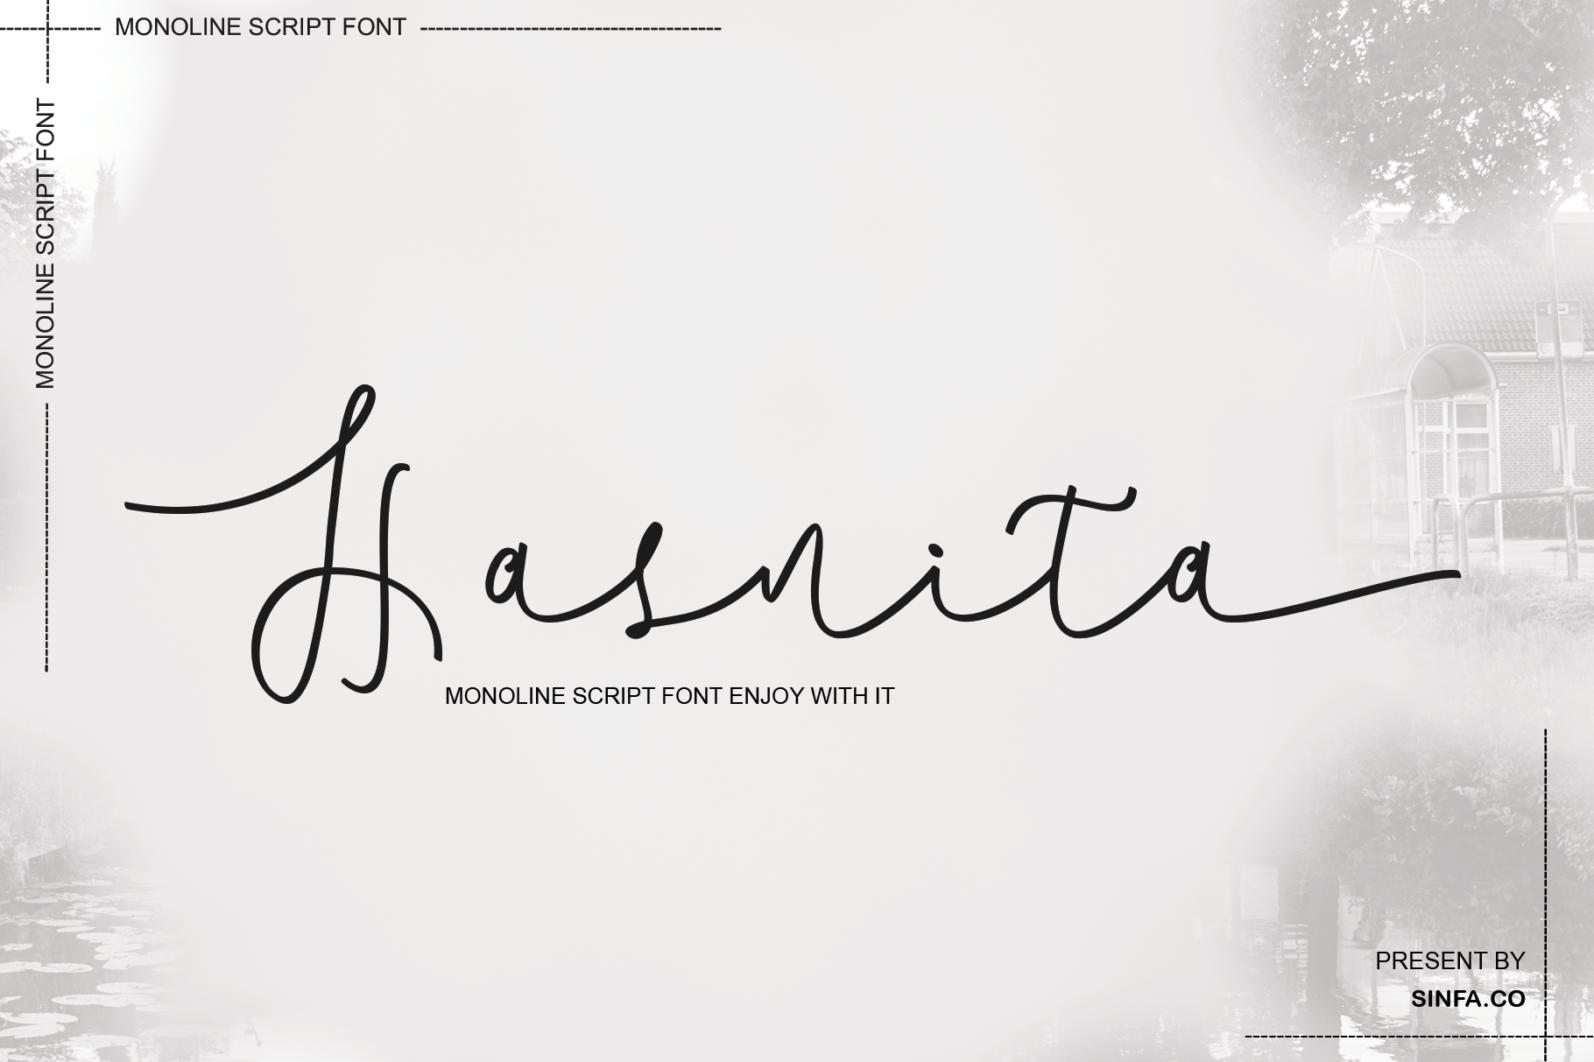 Hasnita - Hasnita1 -